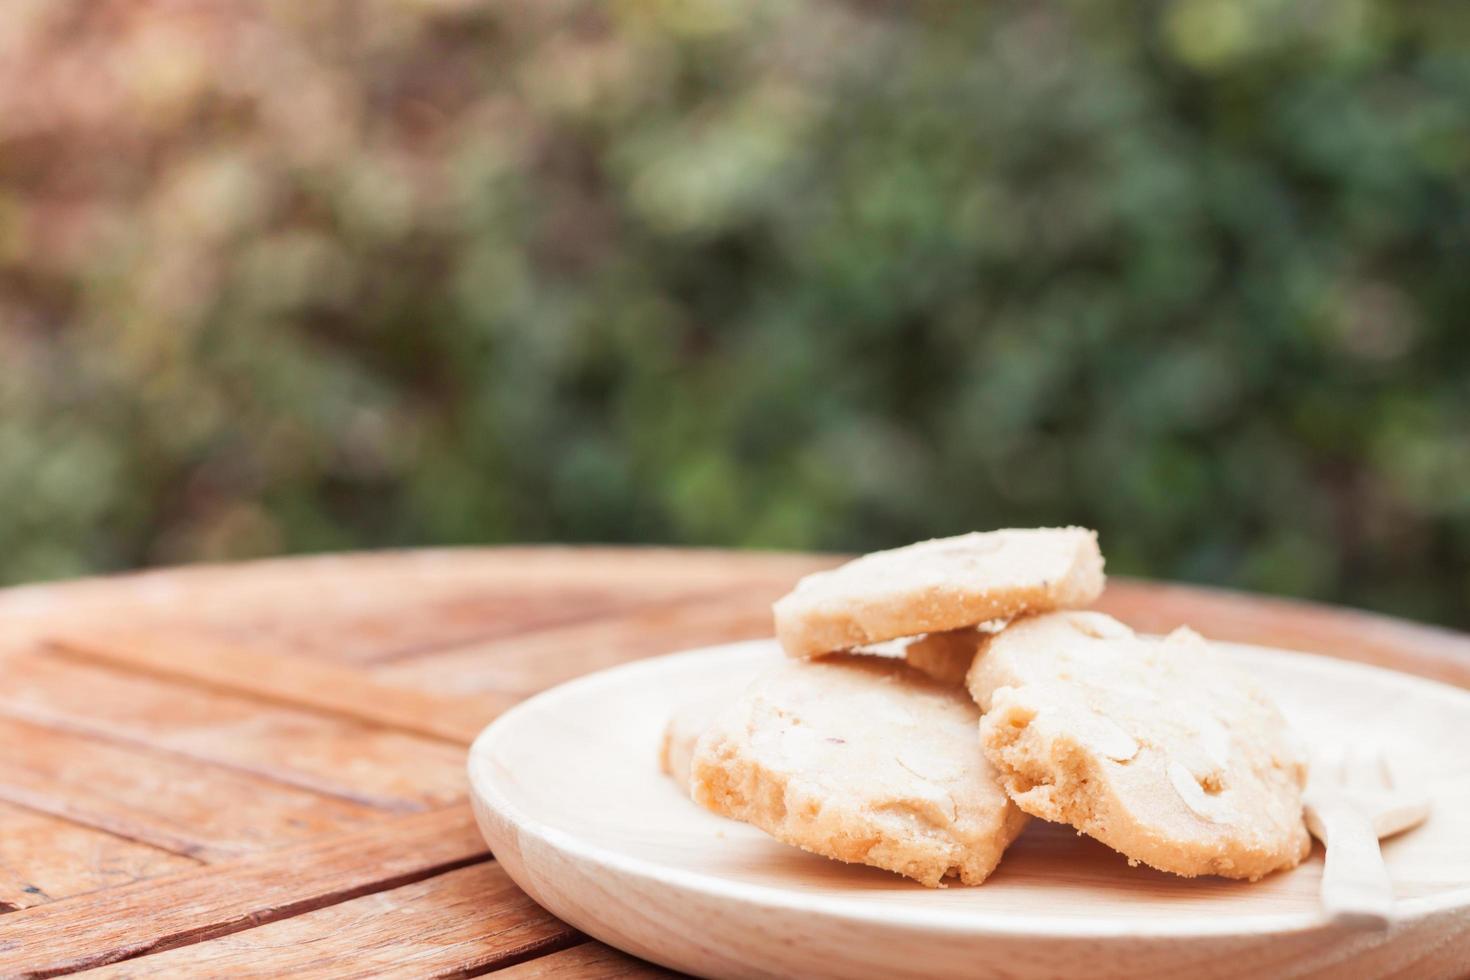 Galletas en placa de madera sobre una mesa al aire libre foto